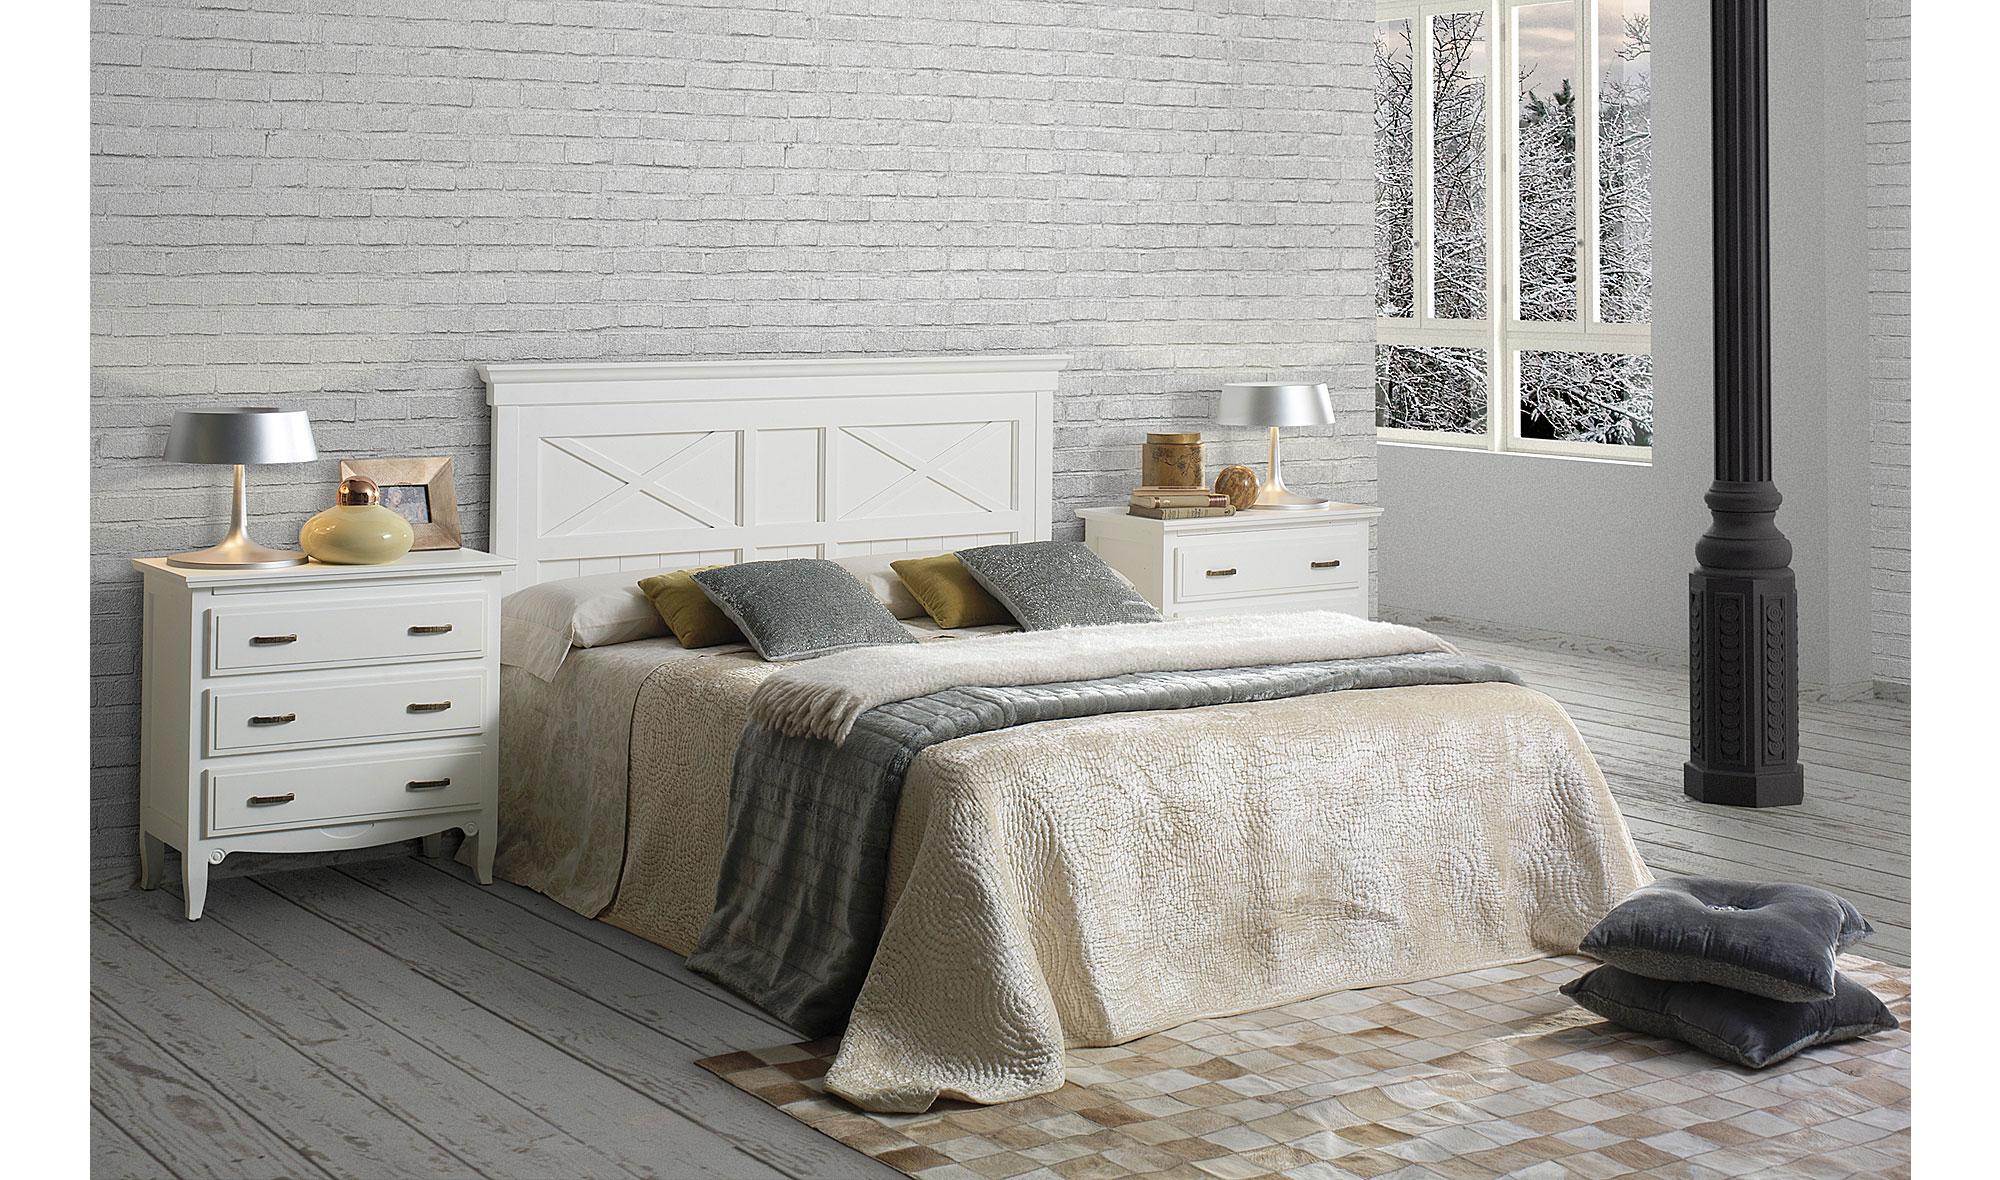 Dormitorio vintage provenzal fontana en - Dormitorios estilo provenzal ...